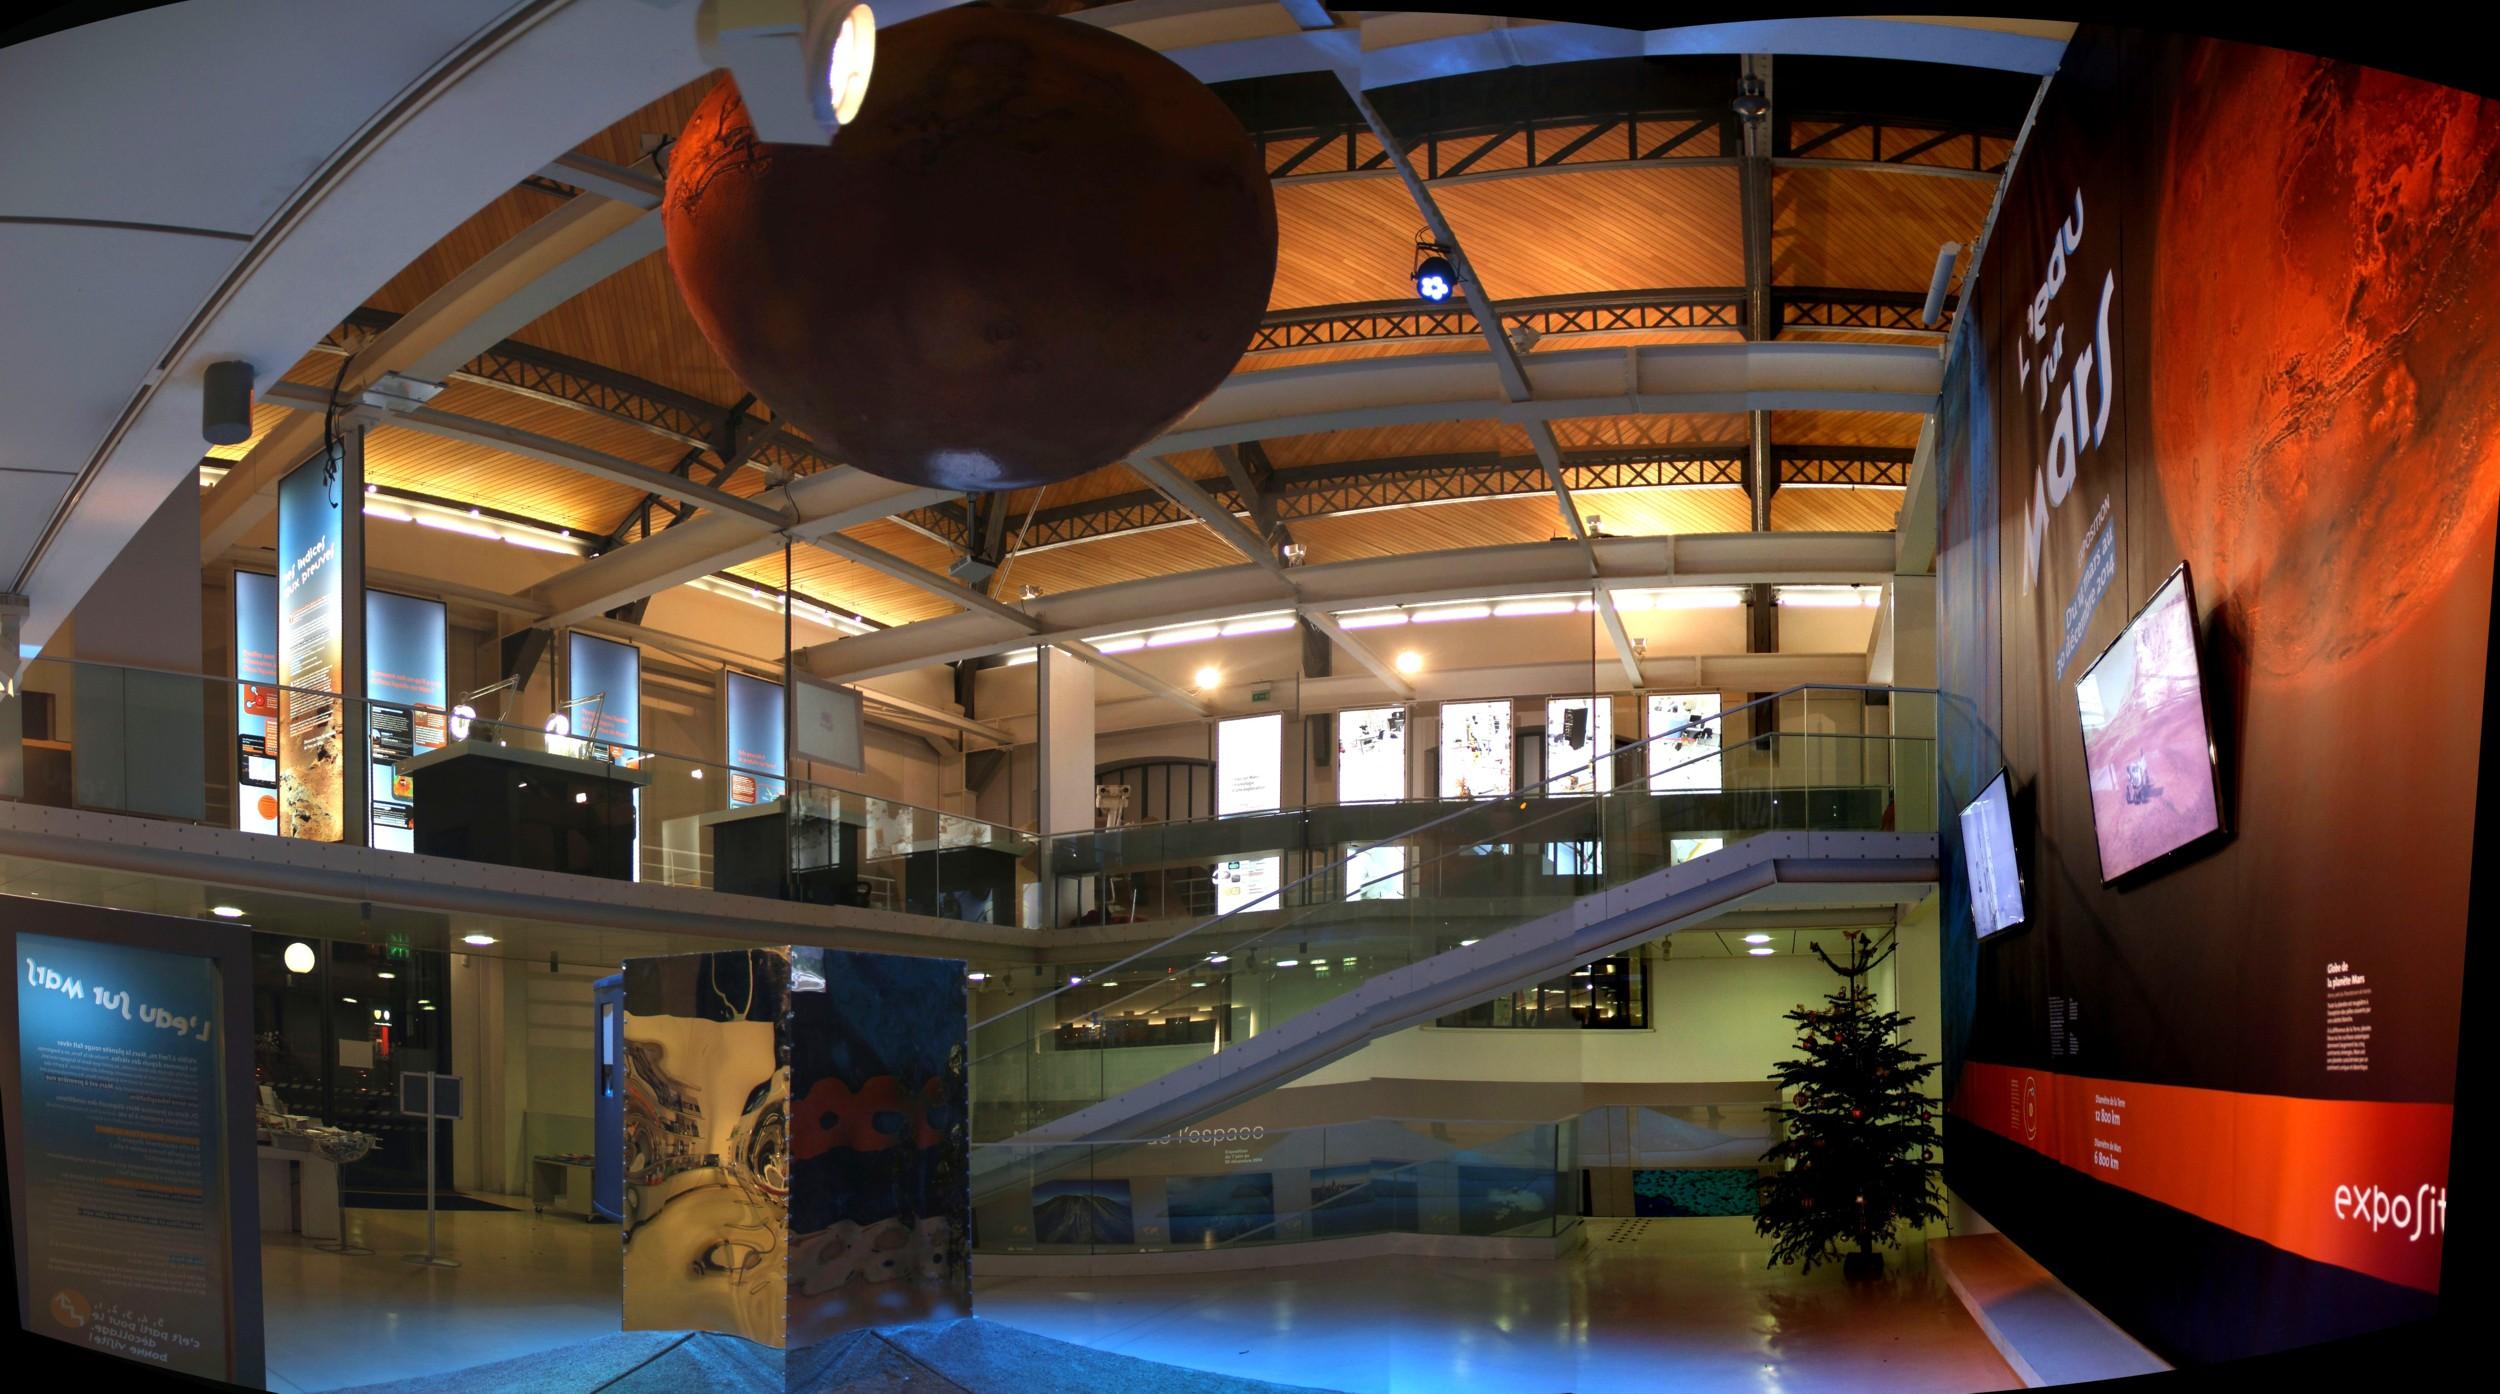 14 12 18 - 17h 27m 23s - expo l'eau sur mars pavillon de l'eau_stitch_stitch trr